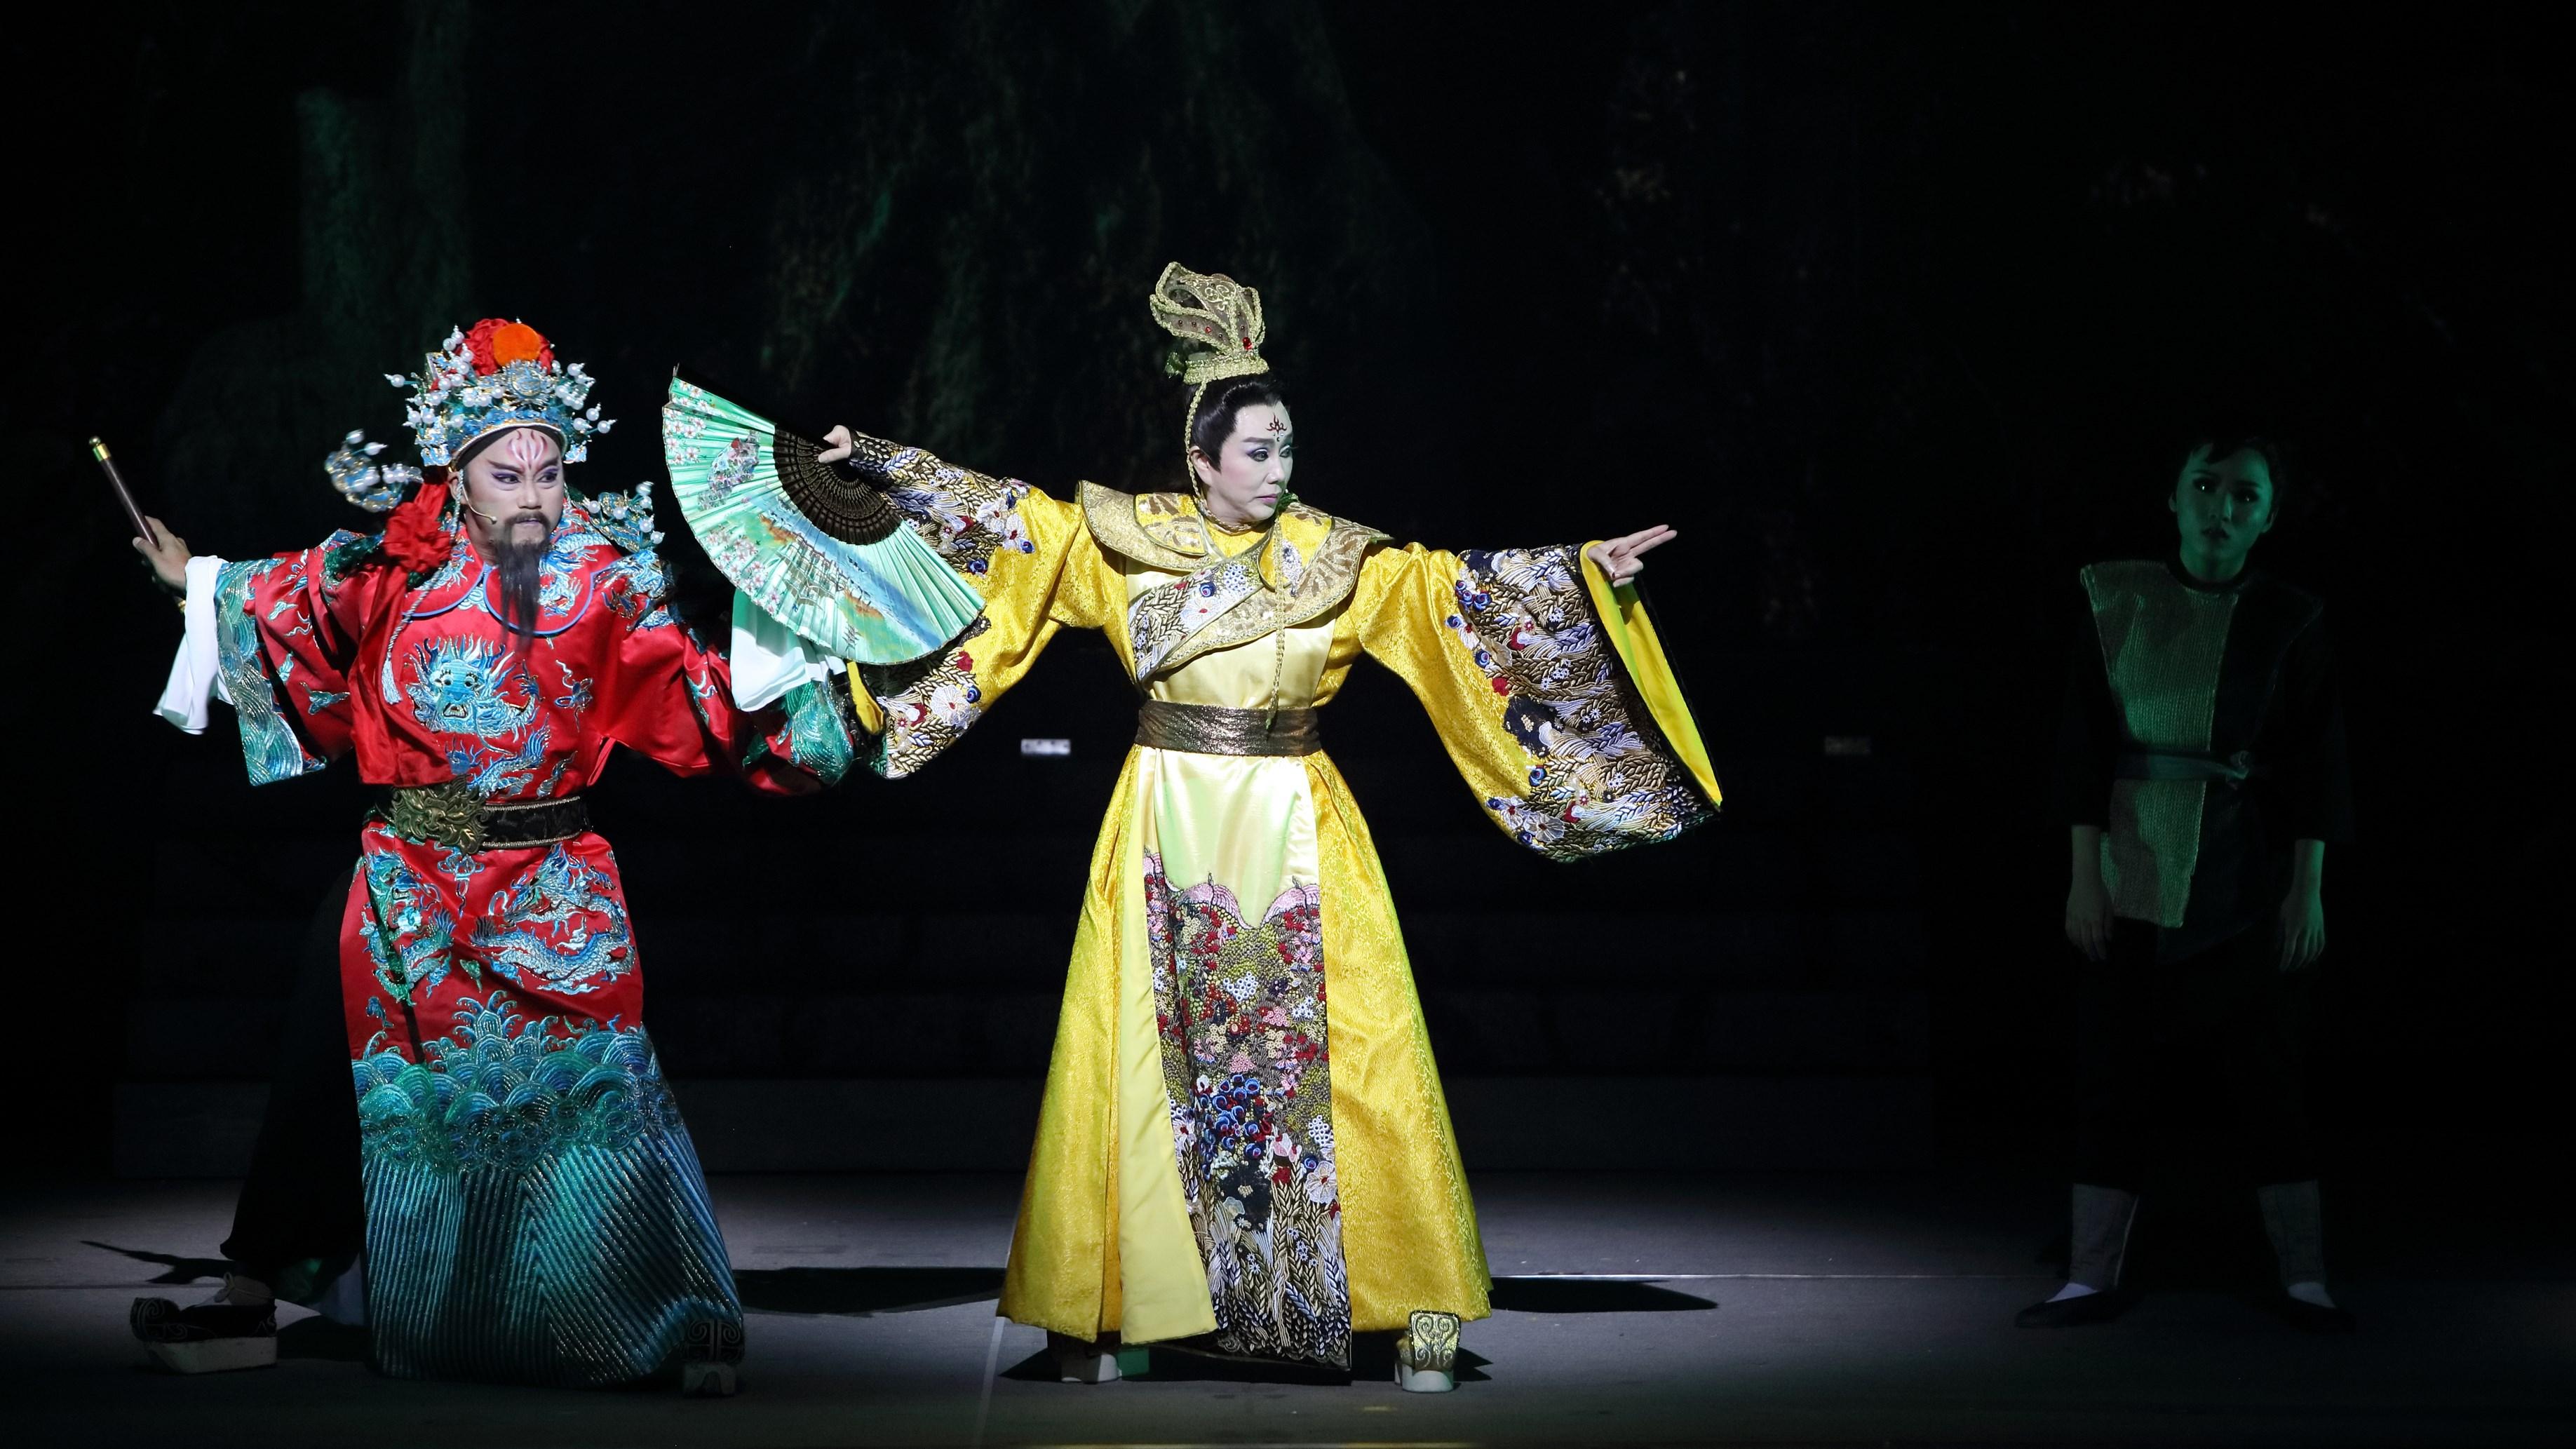 《鯤鯓平卷》劇照   照片提供│明華園戲劇總團        攝影│徐欽敏